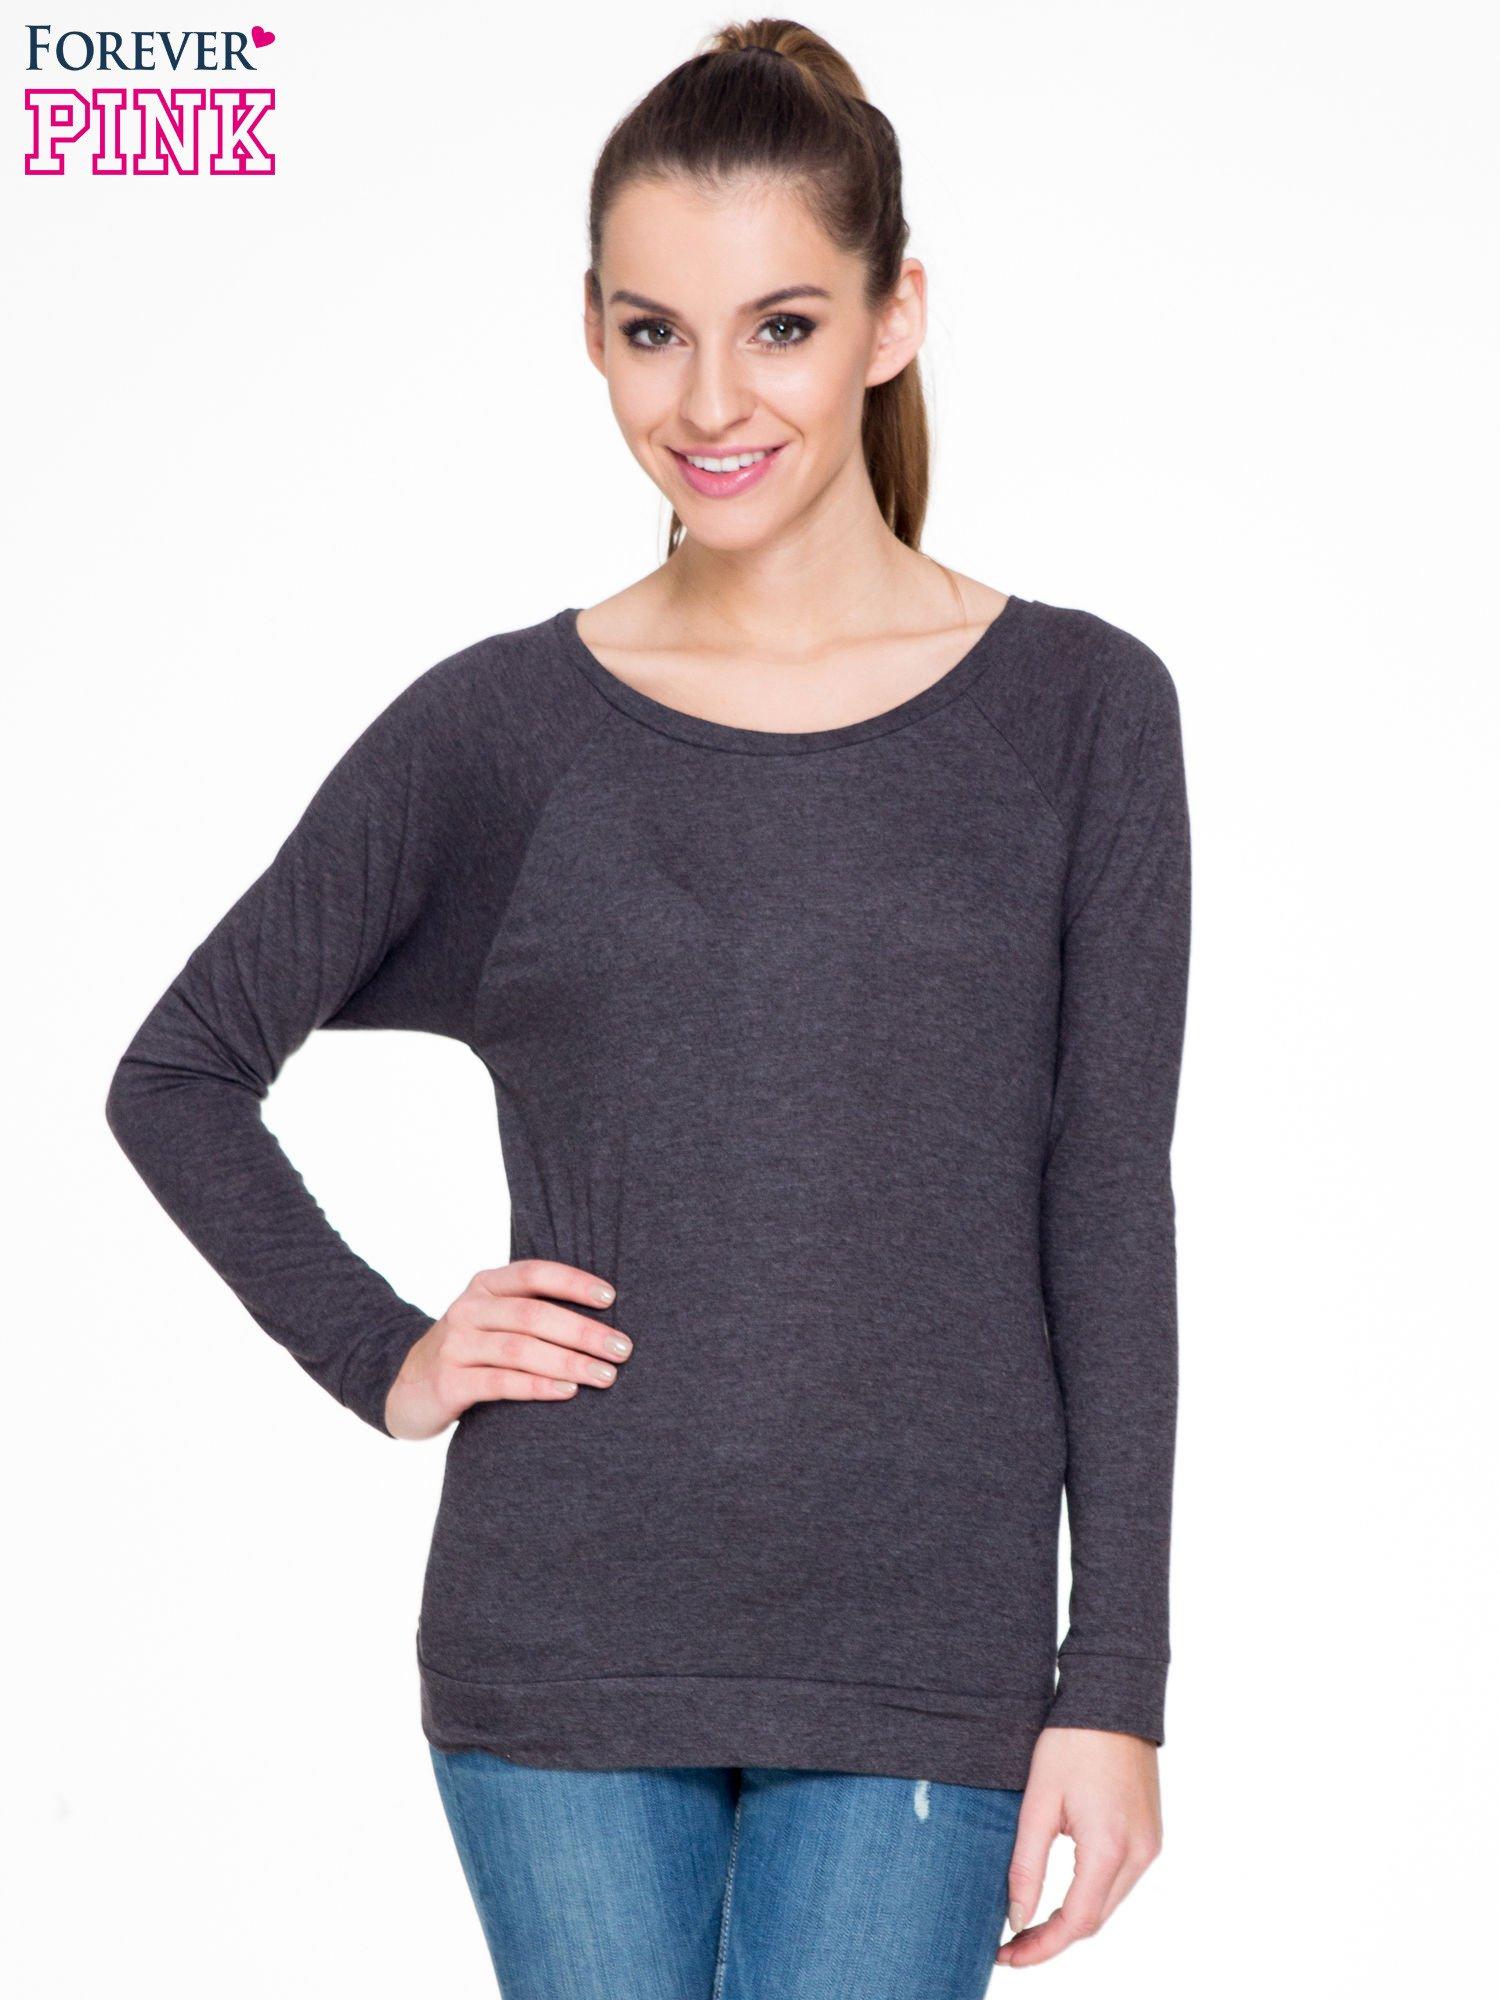 Czarna melanżowa bawełniana bluzka z rękawami typu reglan                                  zdj.                                  1